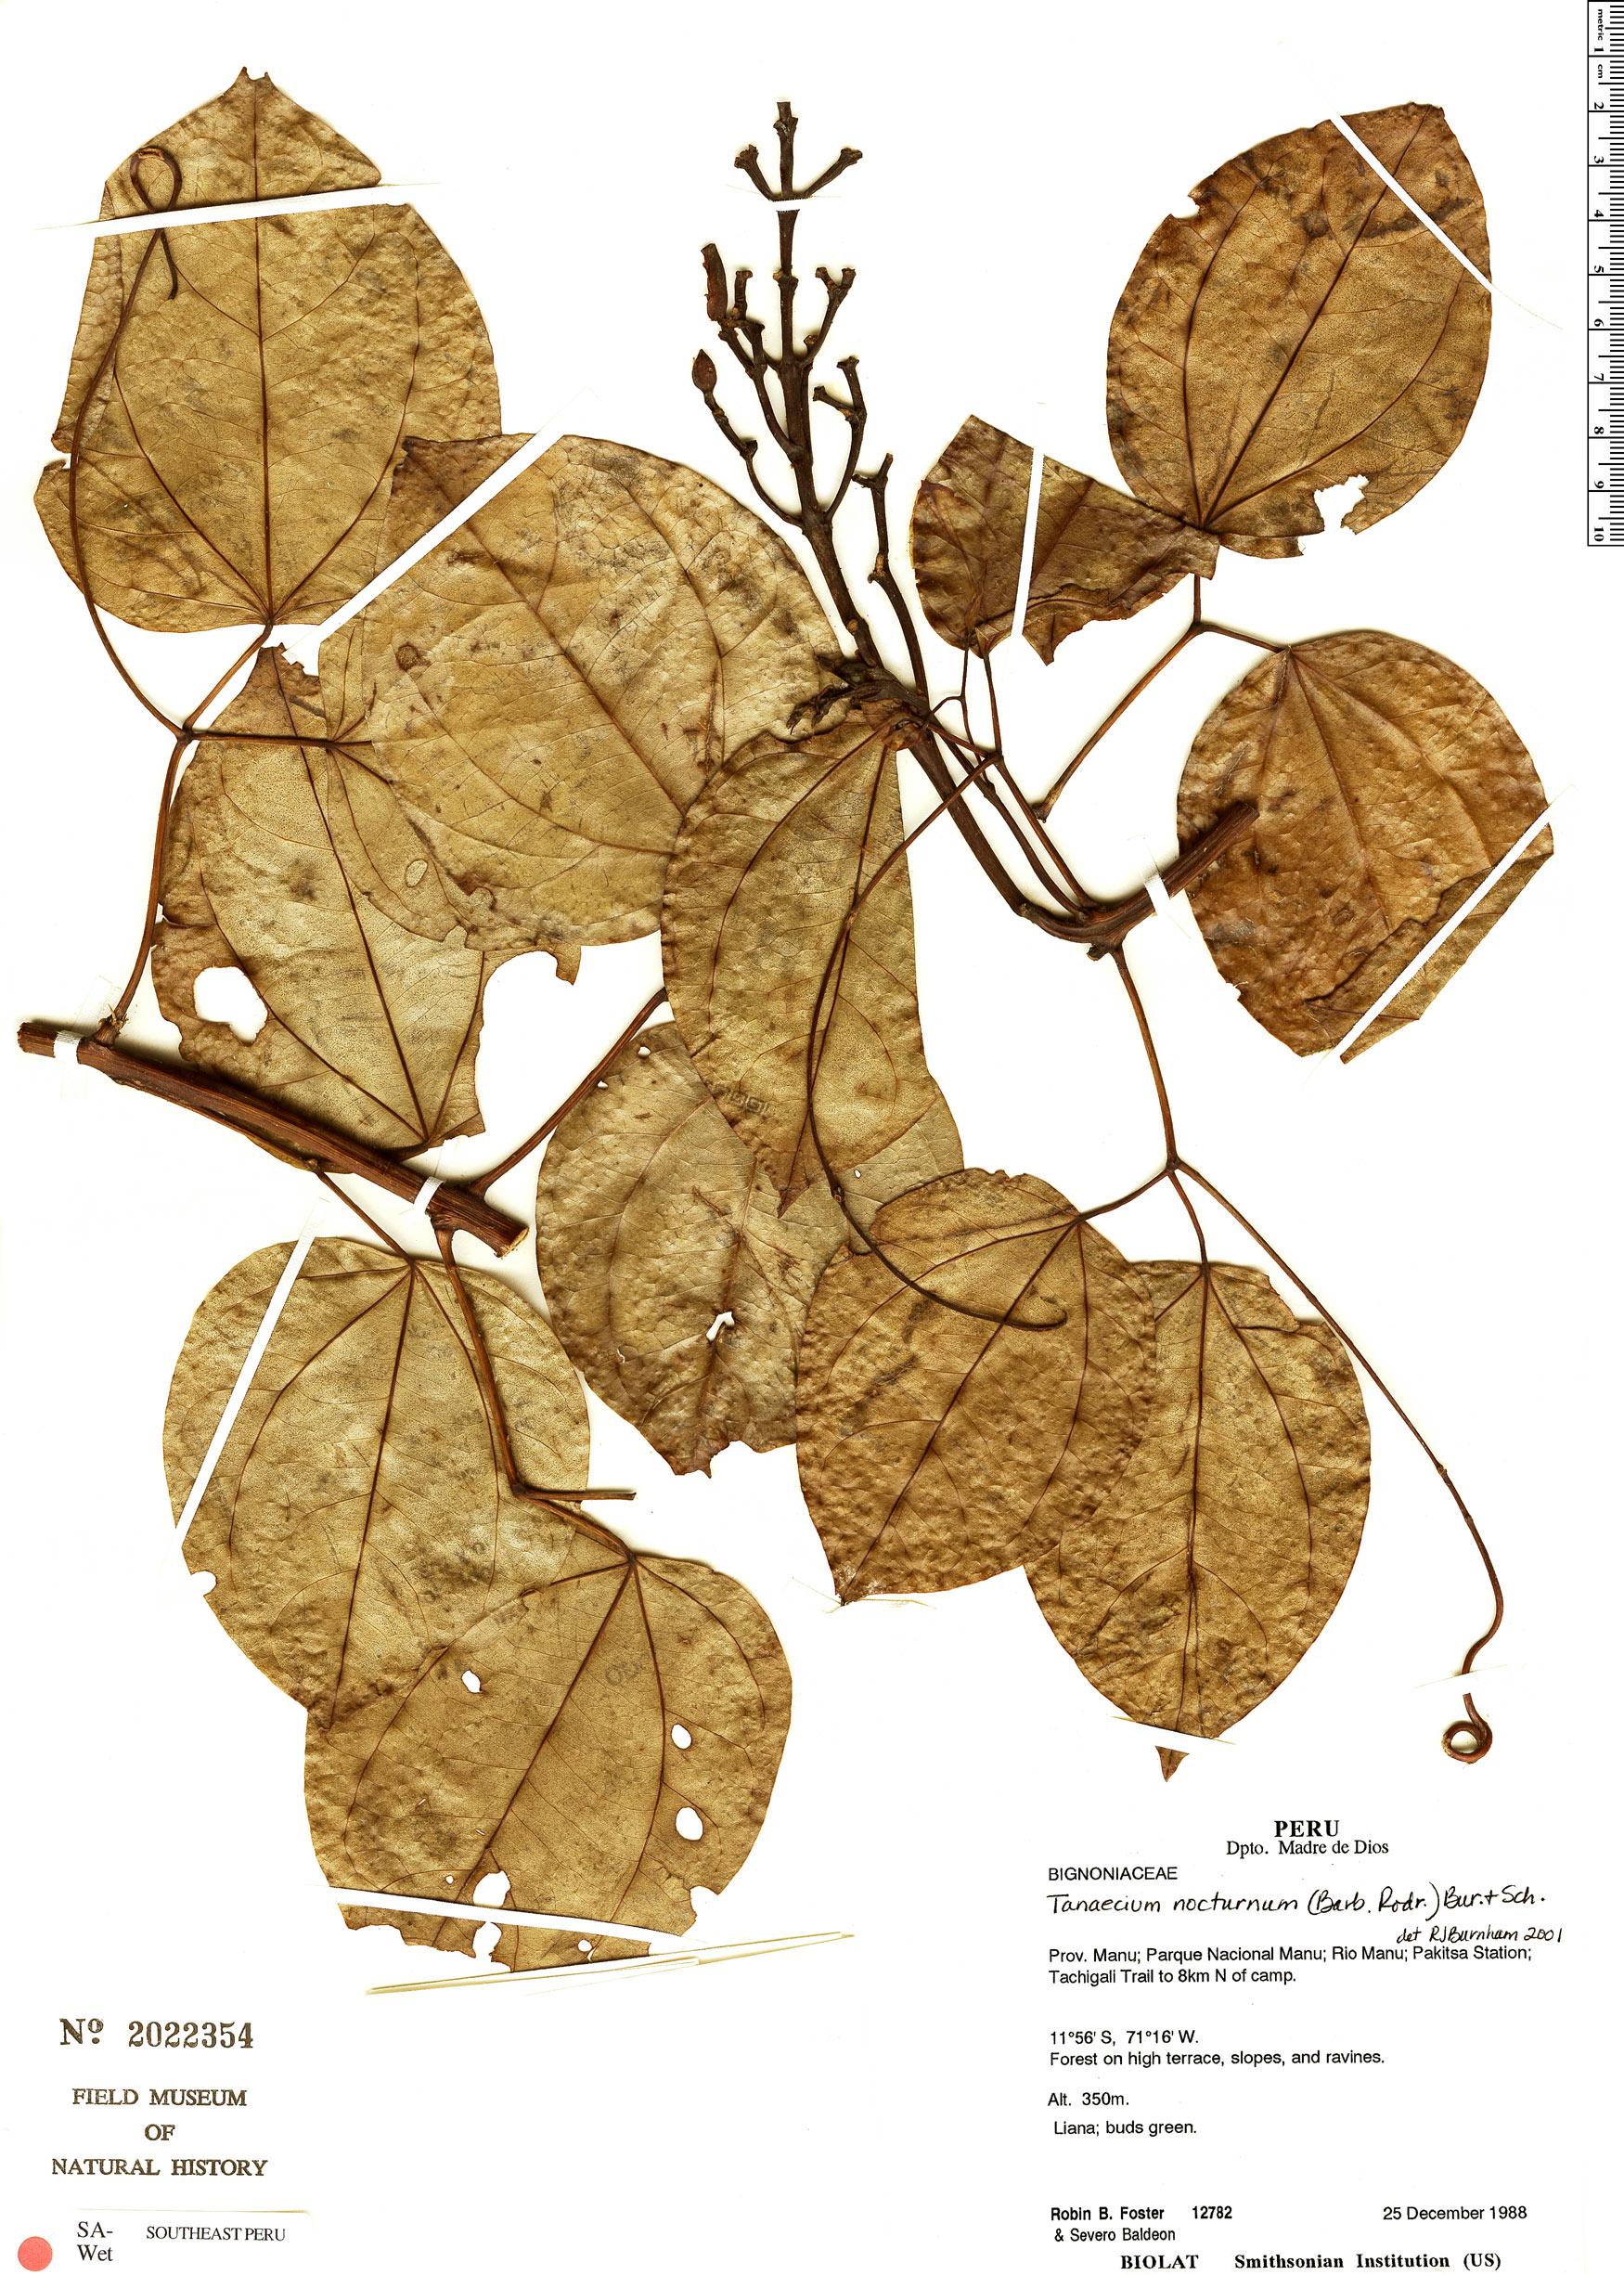 Specimen: Bignonia nocturna